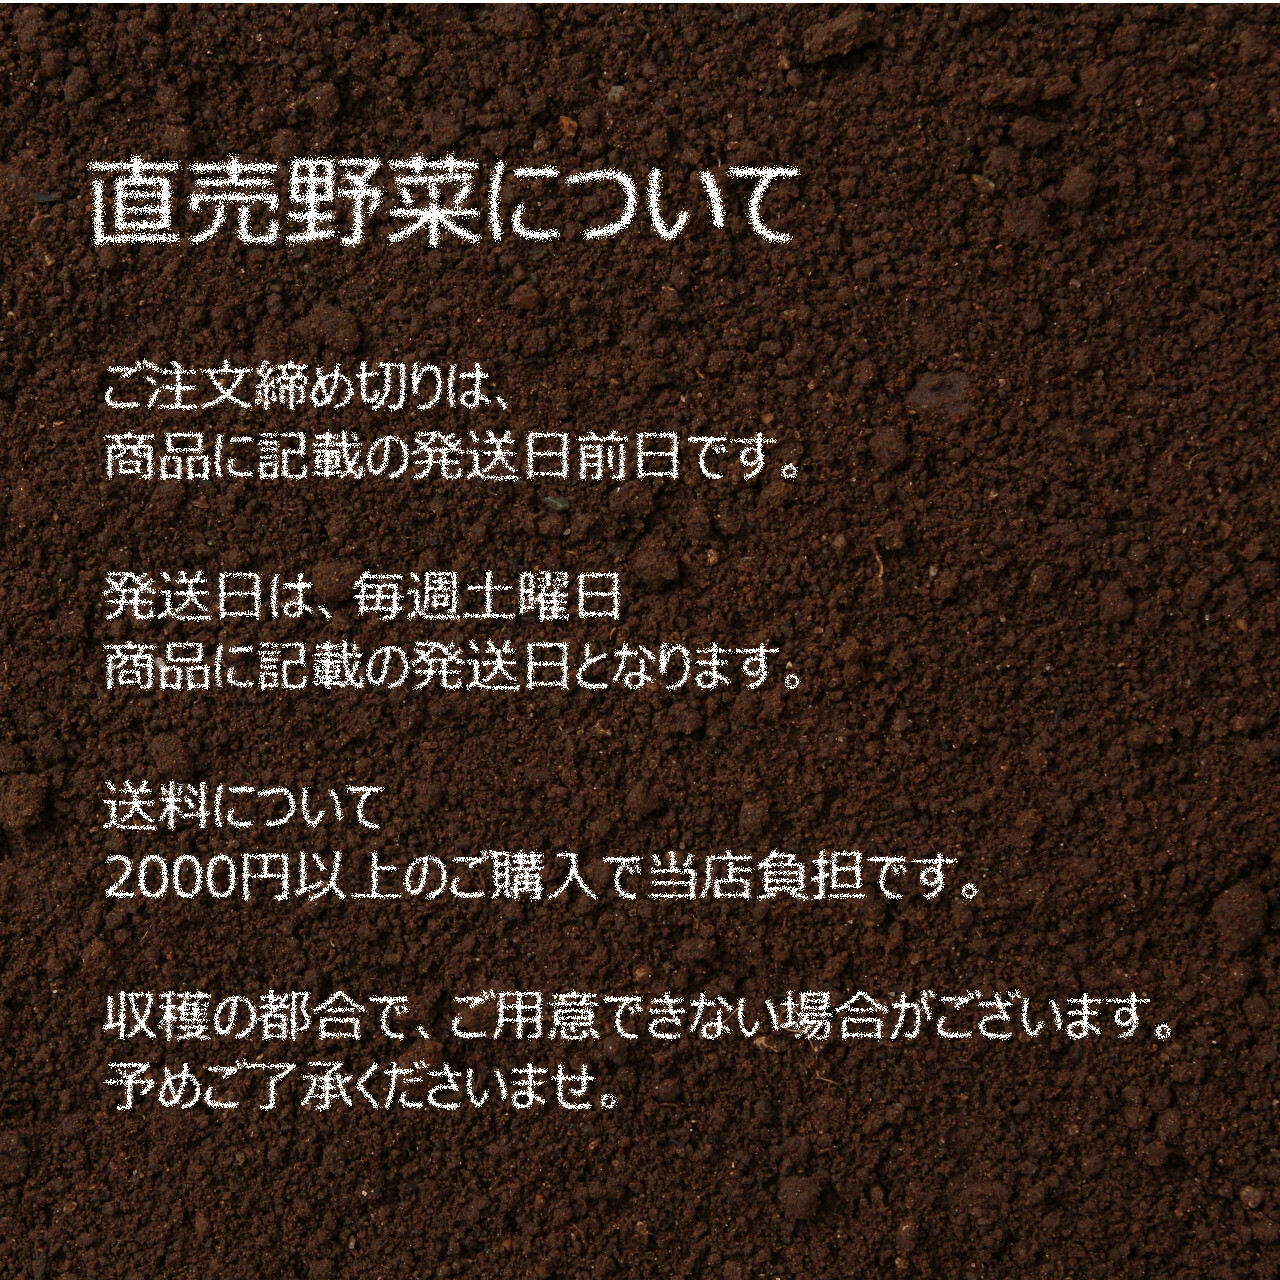 11月の朝採り直売野菜 : 里芋 約350g 新鮮な秋野菜 11月14日発送予定